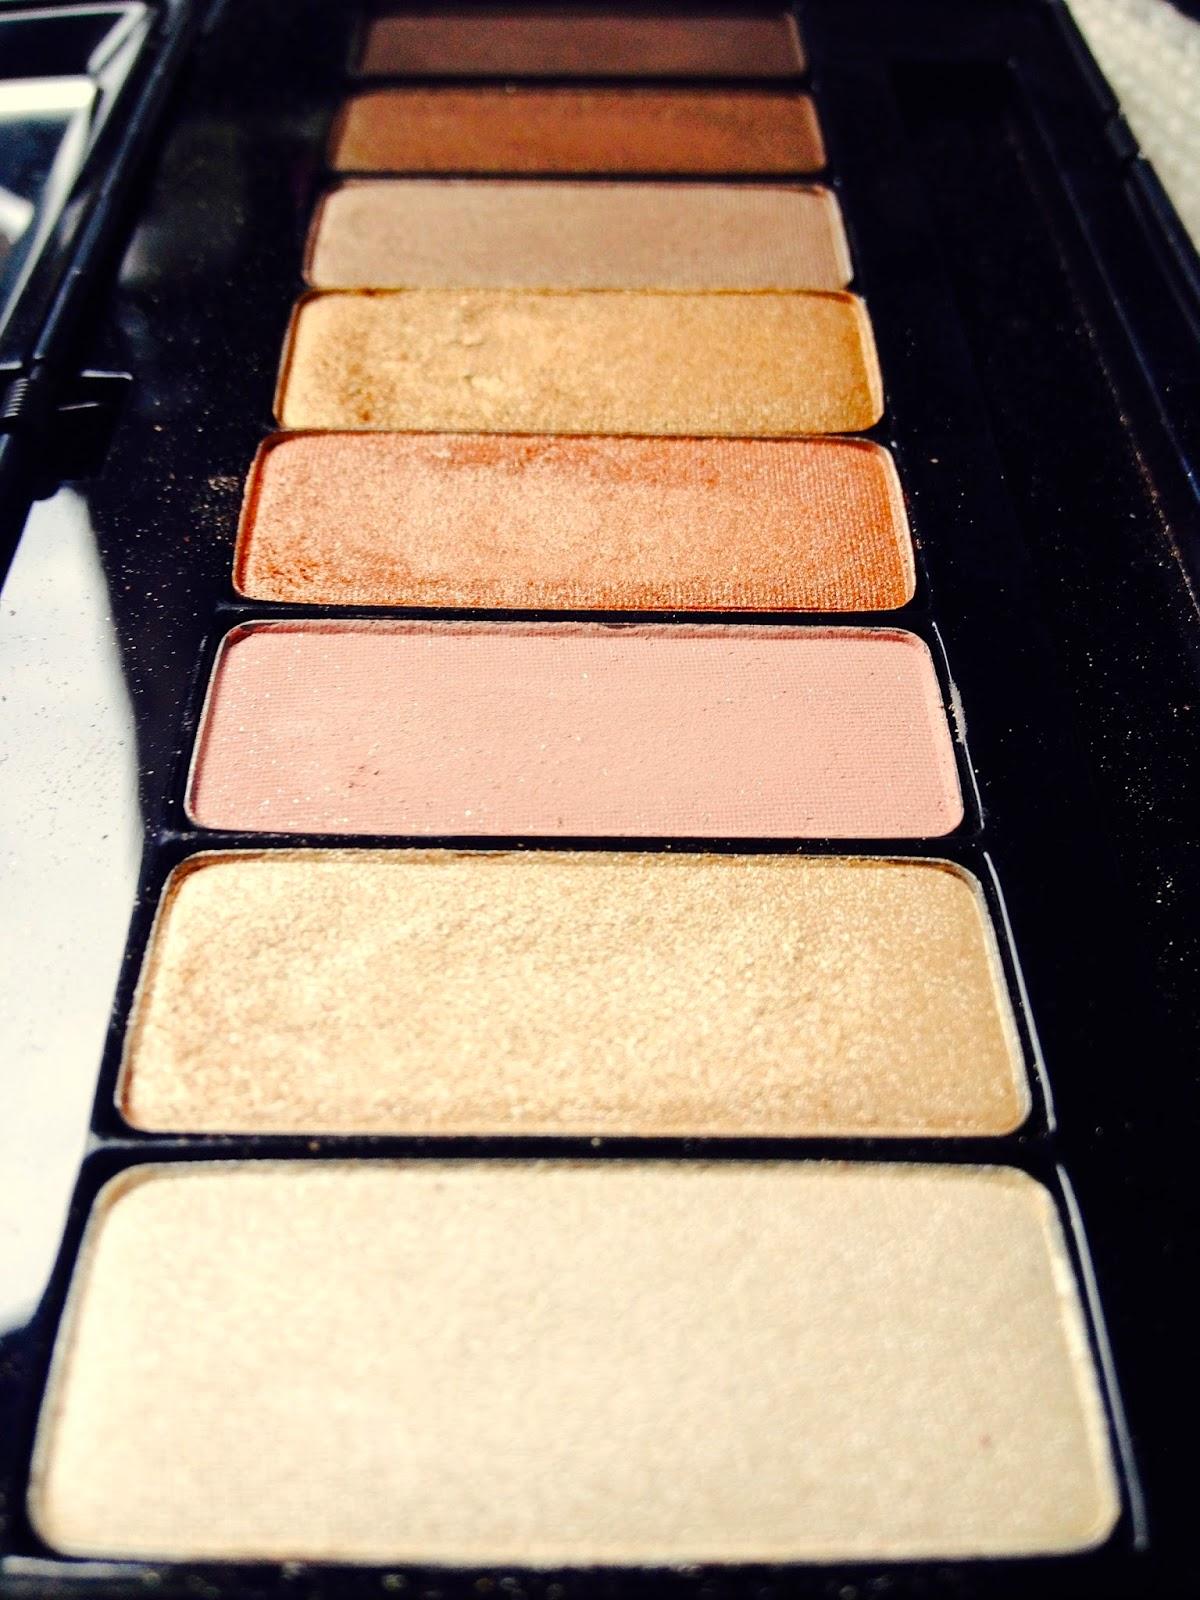 Kat Von D True Romance Eyeshadow Palette Saint